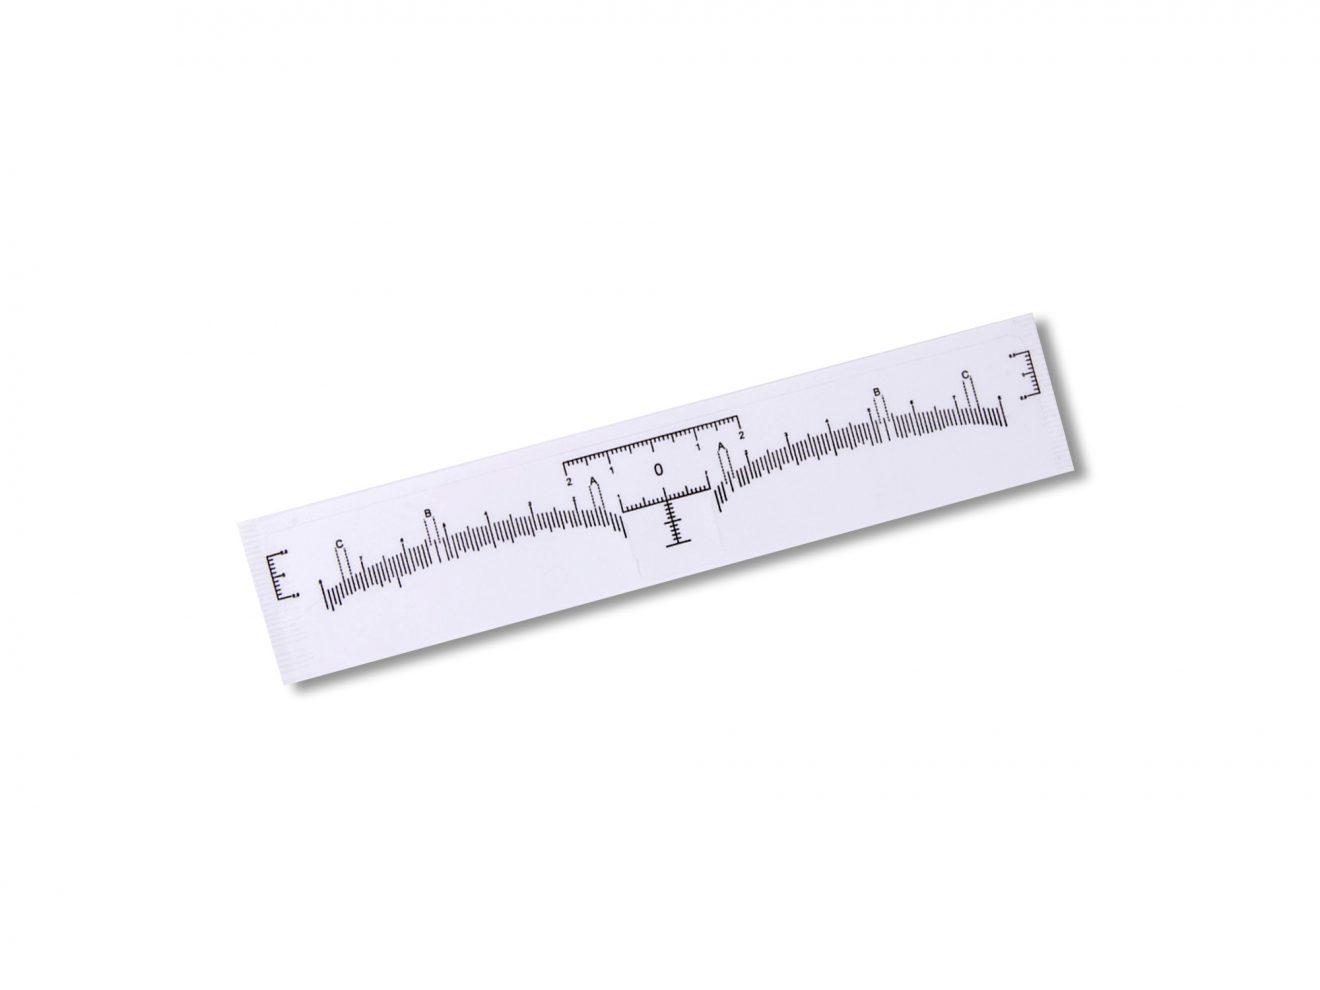 Наклейка-линейка для построения формы бровей, Brow Stick Ruler, с вырезом, 10 шт.